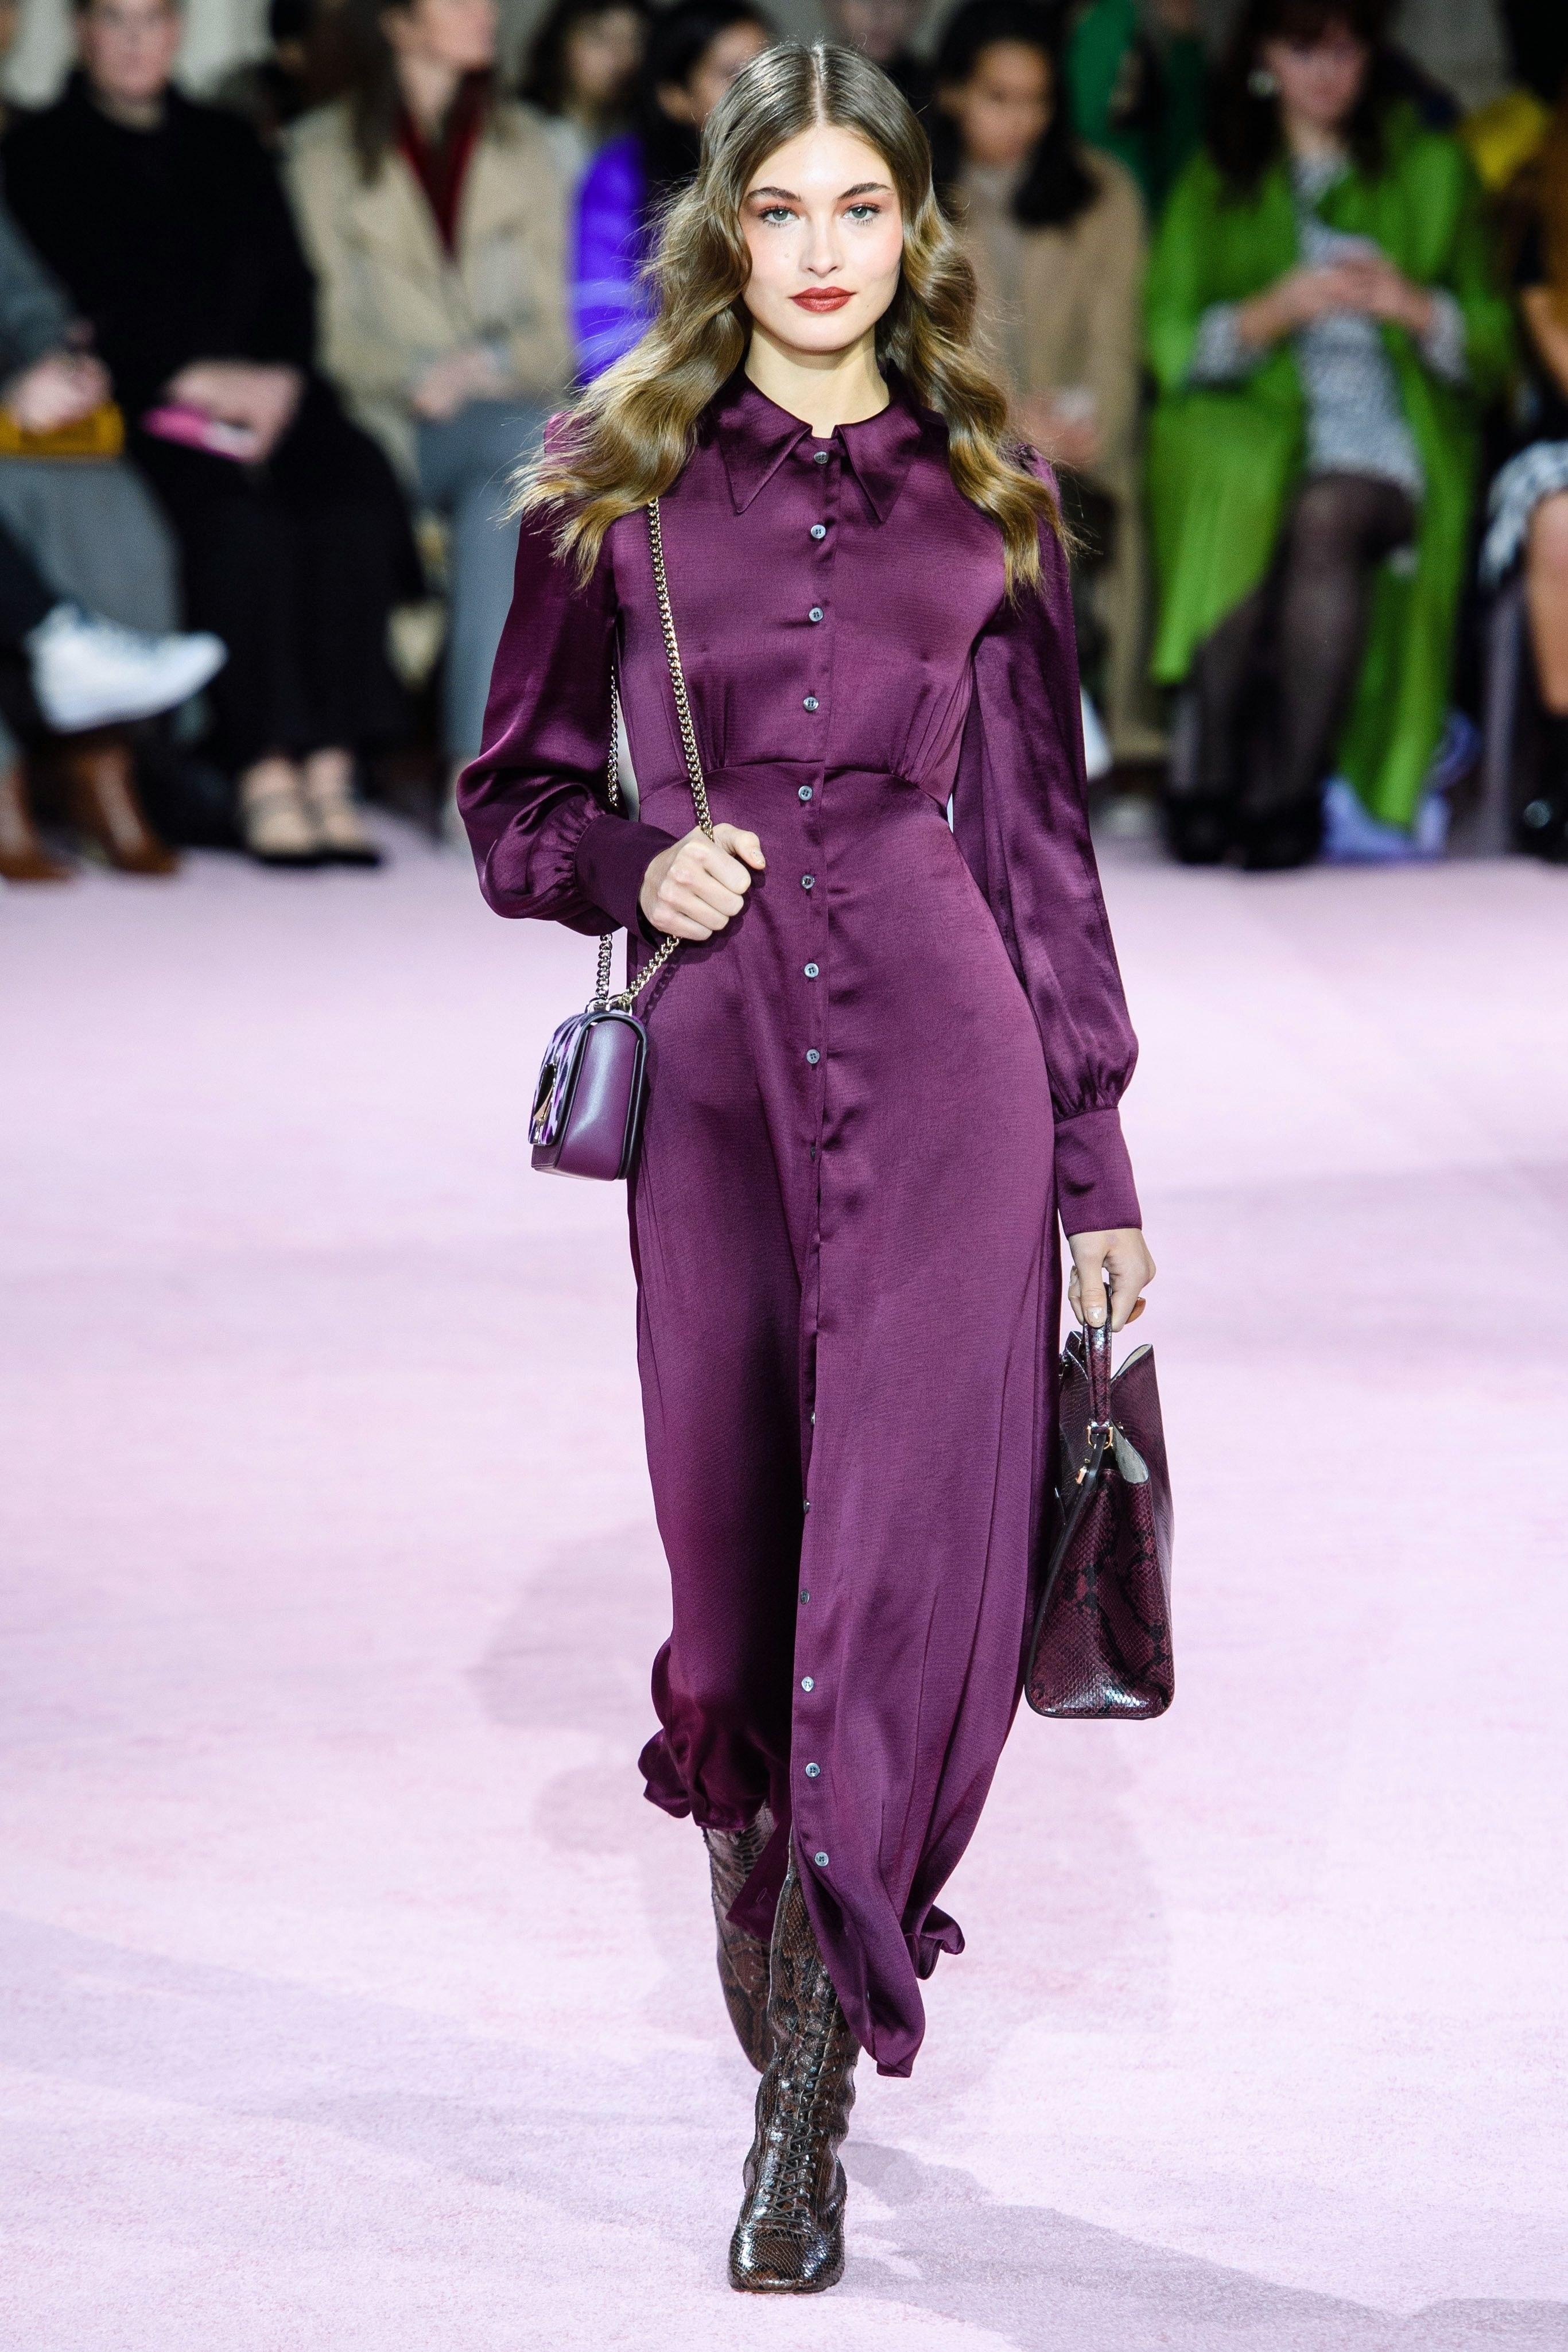 imagenes con atuendos moda mujer 2019 2020, tendencias otoño invierno 2019, precioso vestido satinado en color morado oscuro